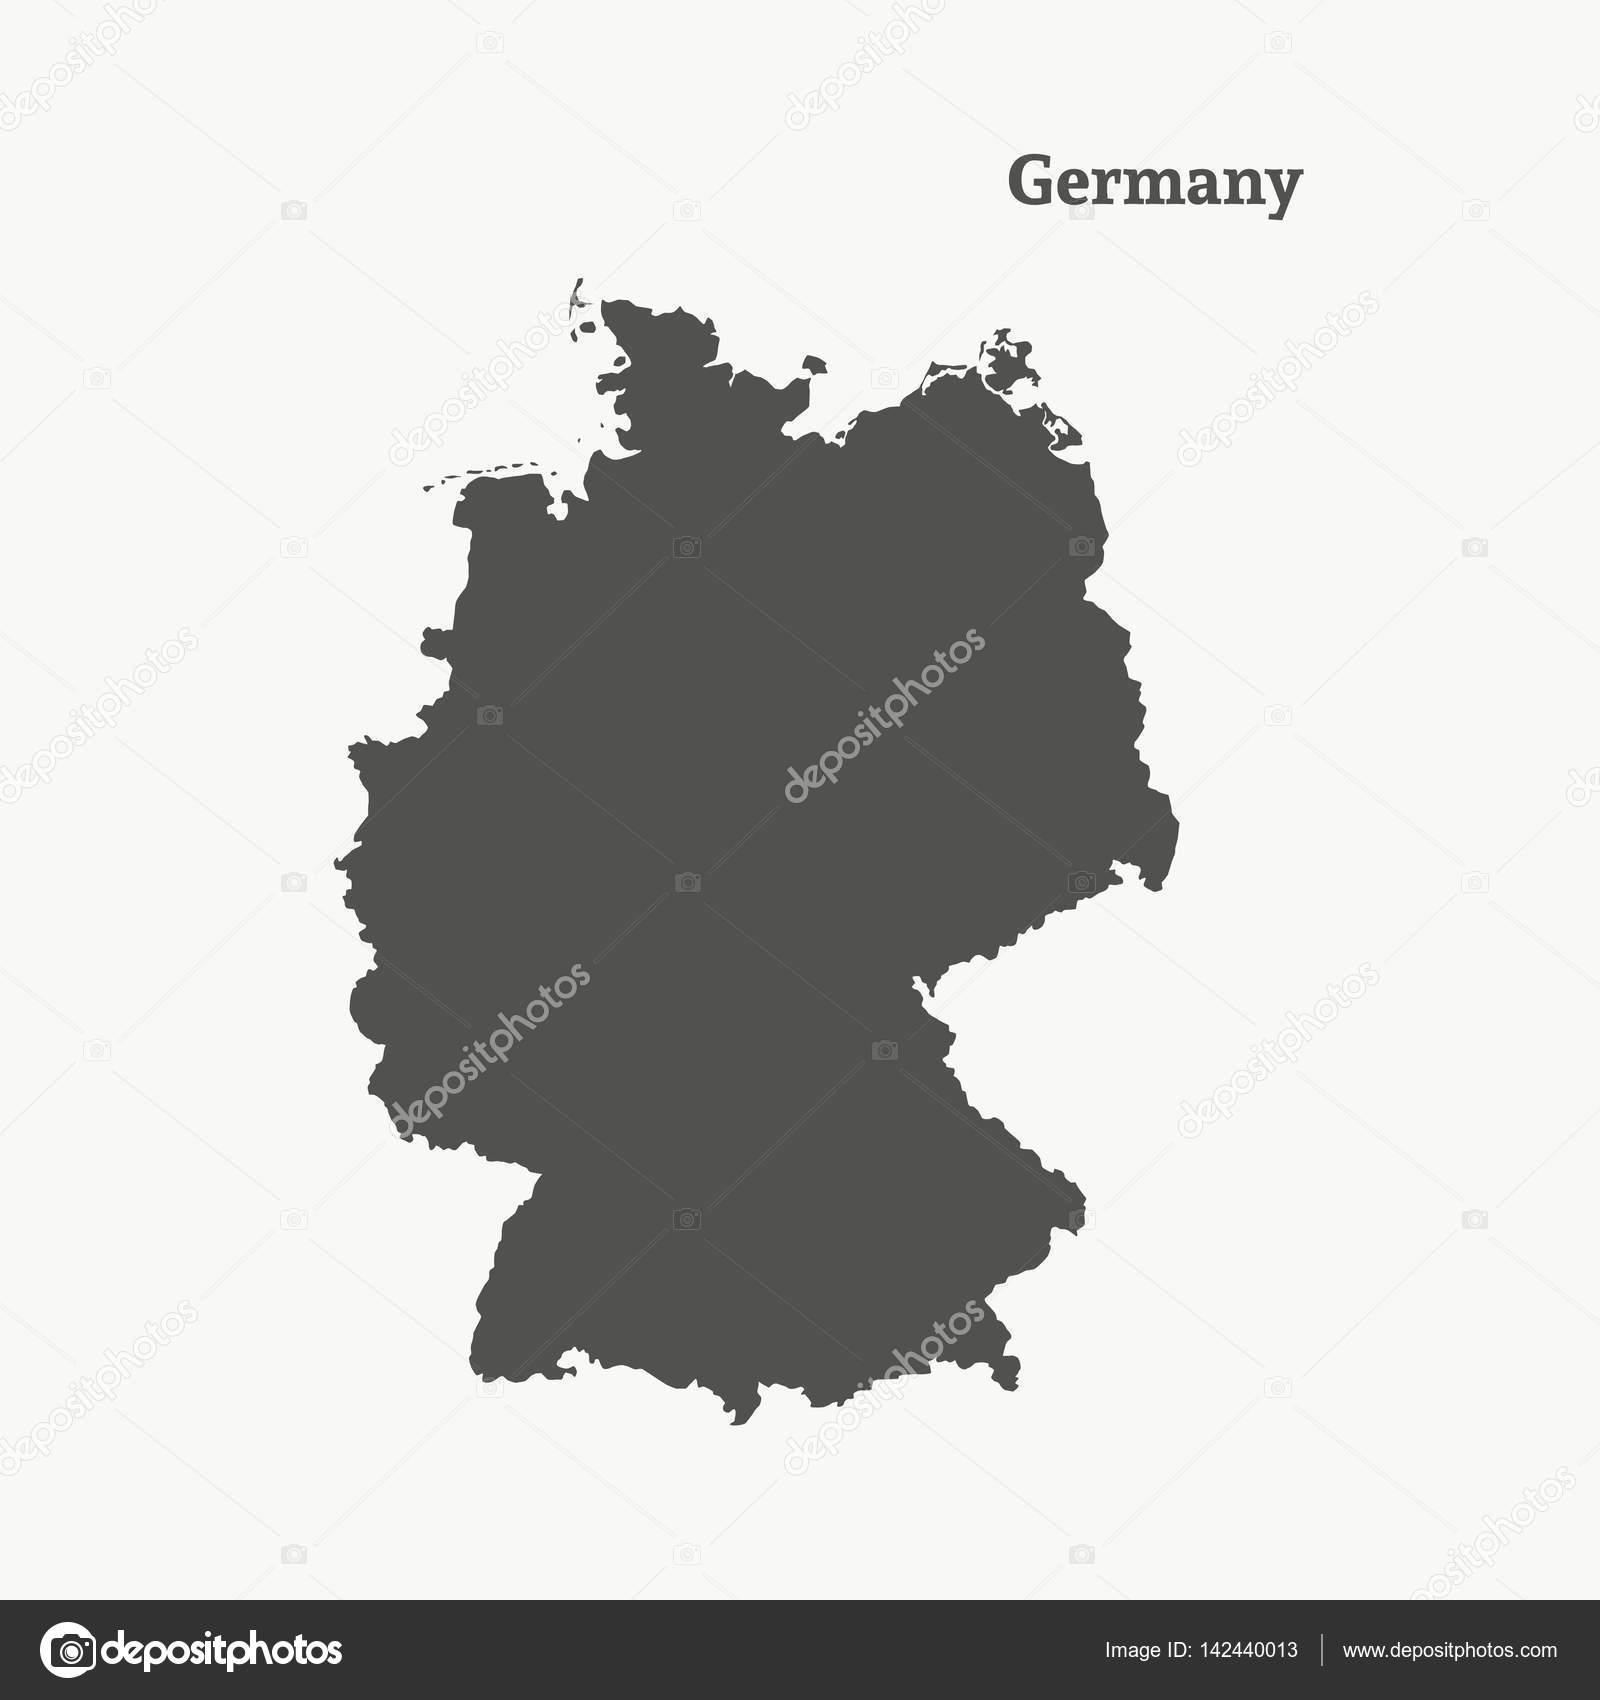 Map Of Germany Outline.Outline Map Of Germany Isolated Vector Illustration Stock Vector